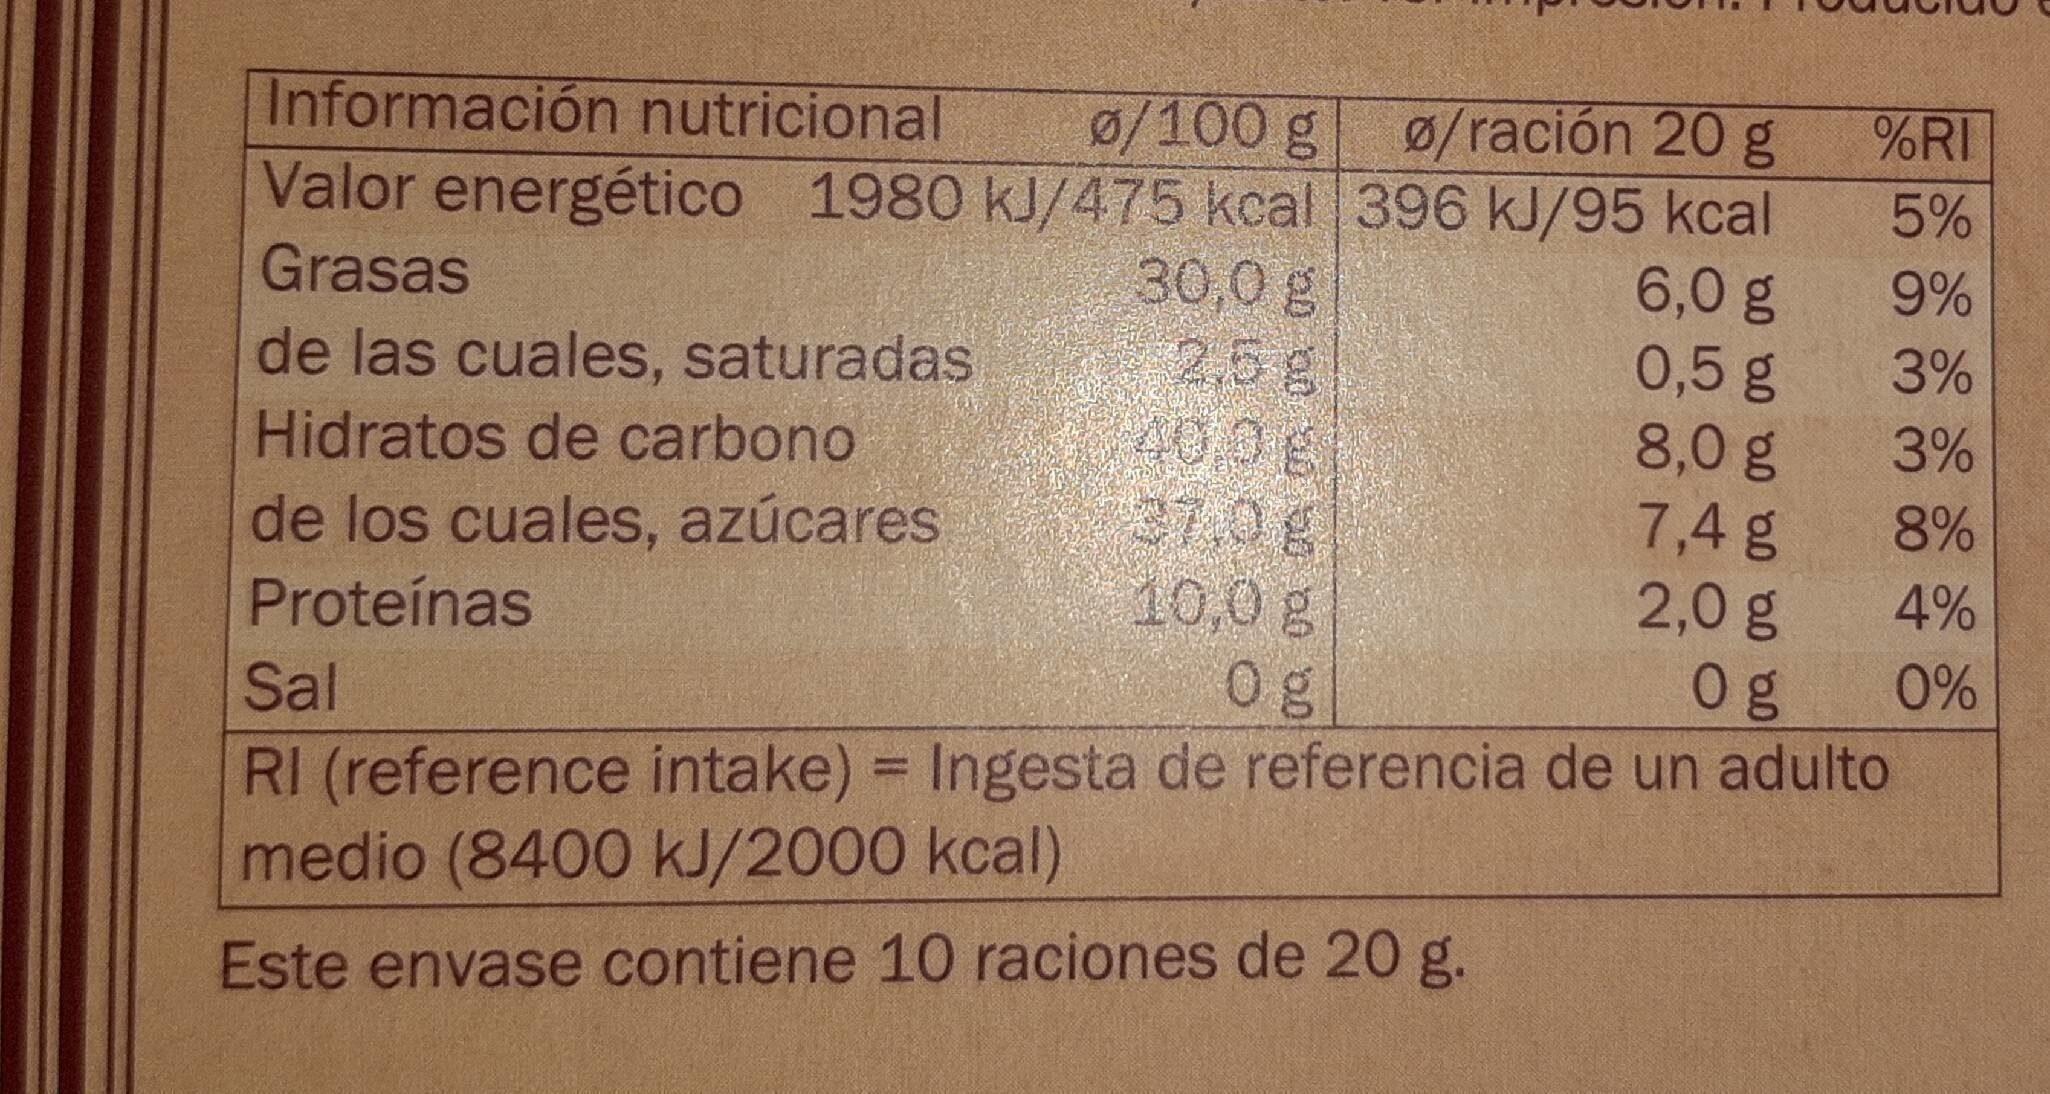 DOR turrón - Información nutricional